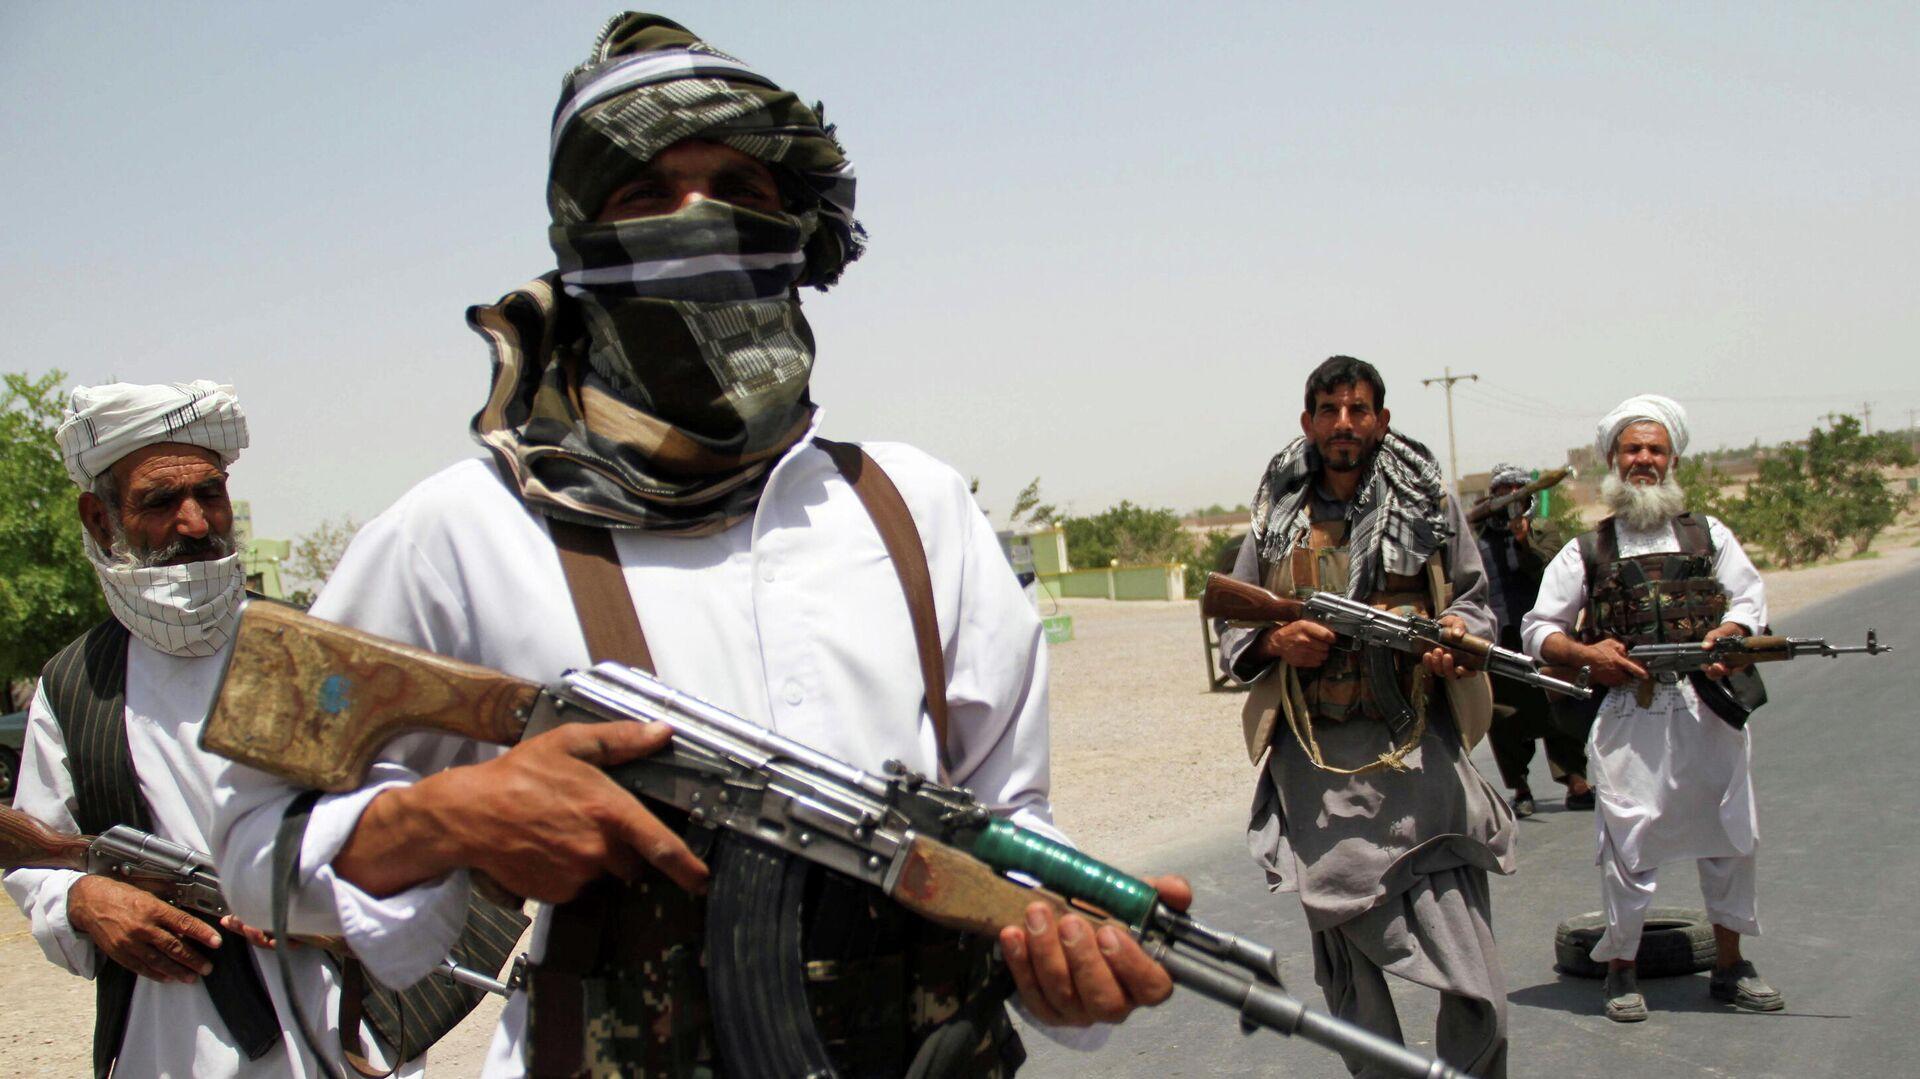 Excombatientes muyahidines durante los enfrentamientos contra los talibanes en Afganistán, el 10 de julio de 2021 - Sputnik Mundo, 1920, 28.07.2021